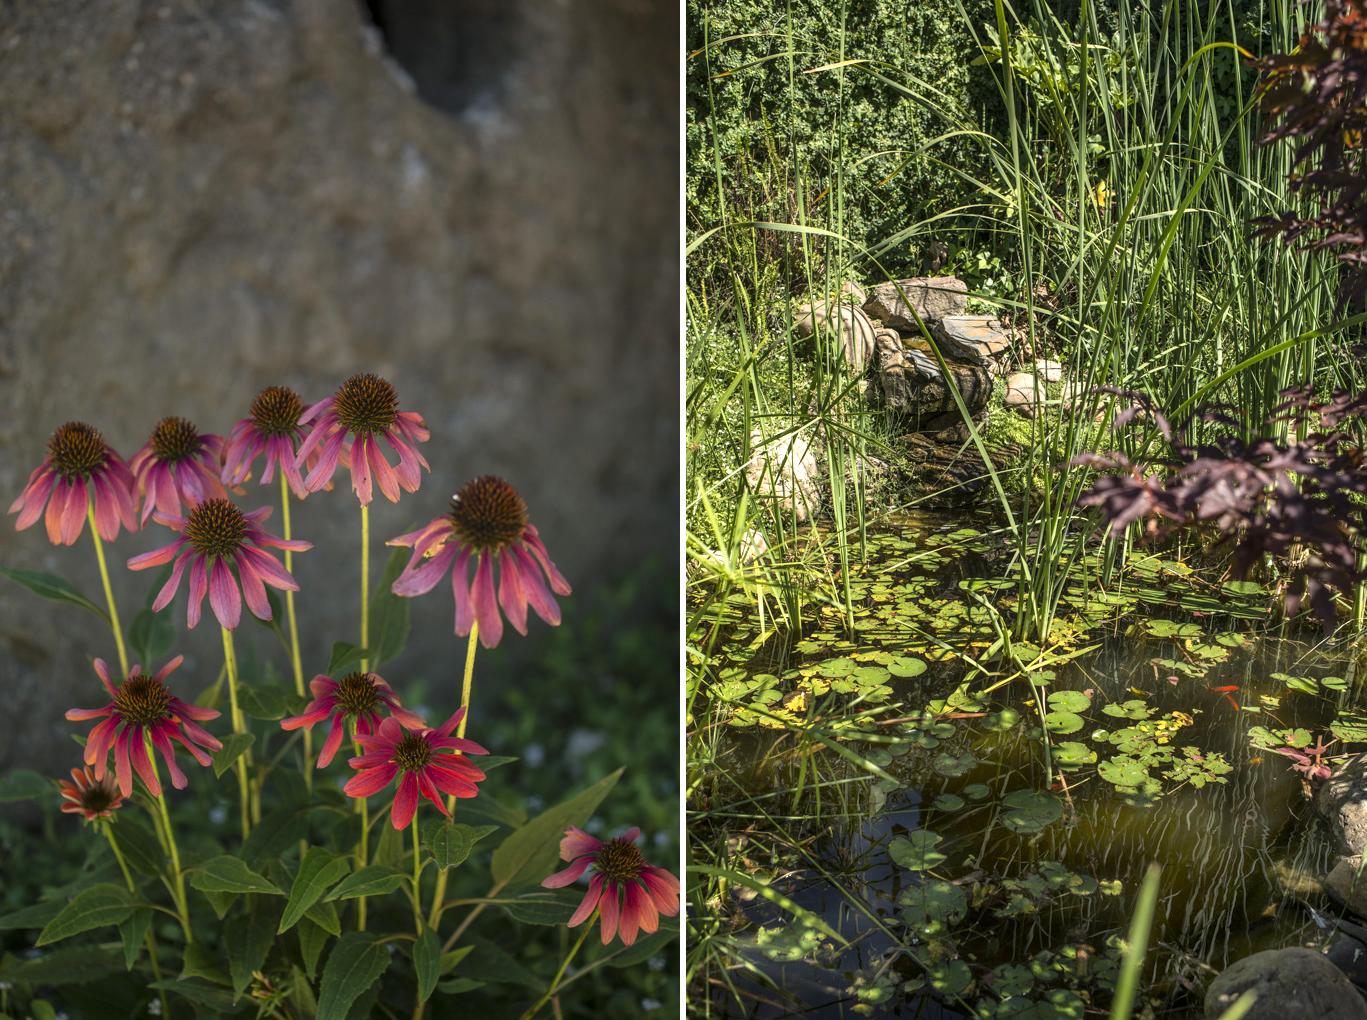 El estanque invita a recrearse en la belleza de la simplicidad.